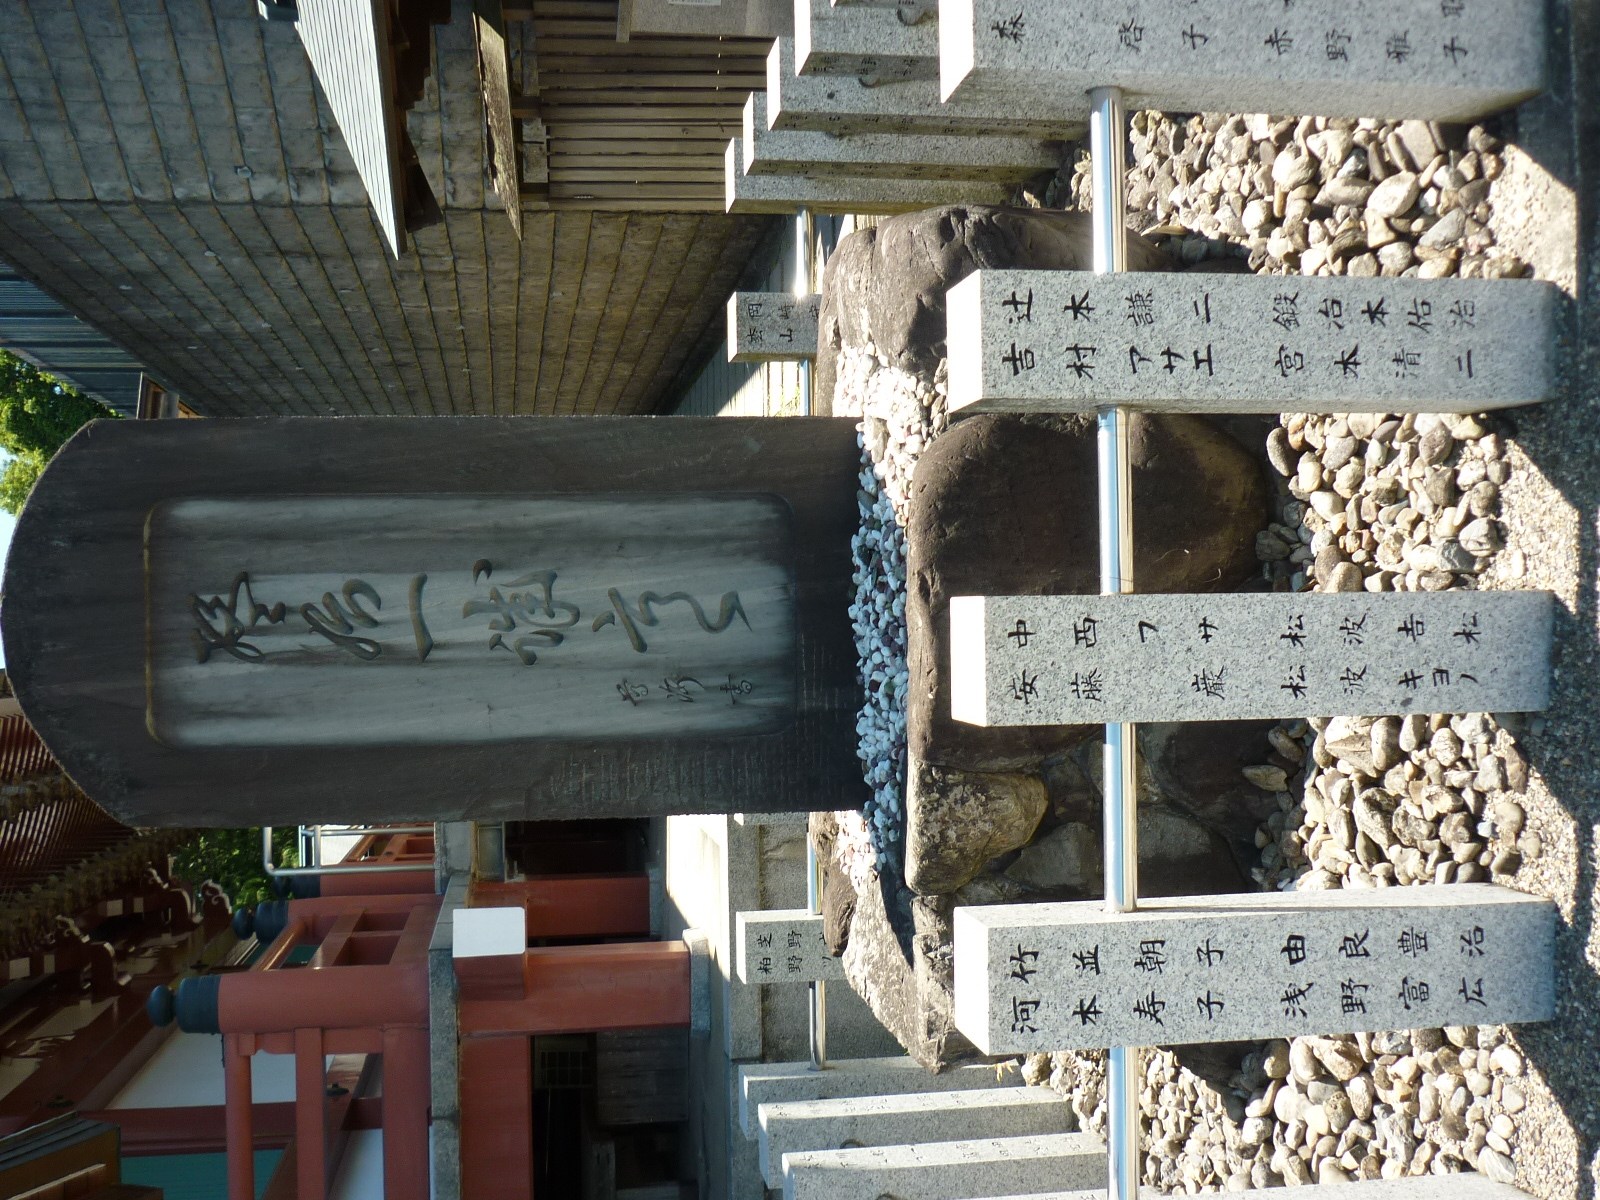 開堂十周年記念碑